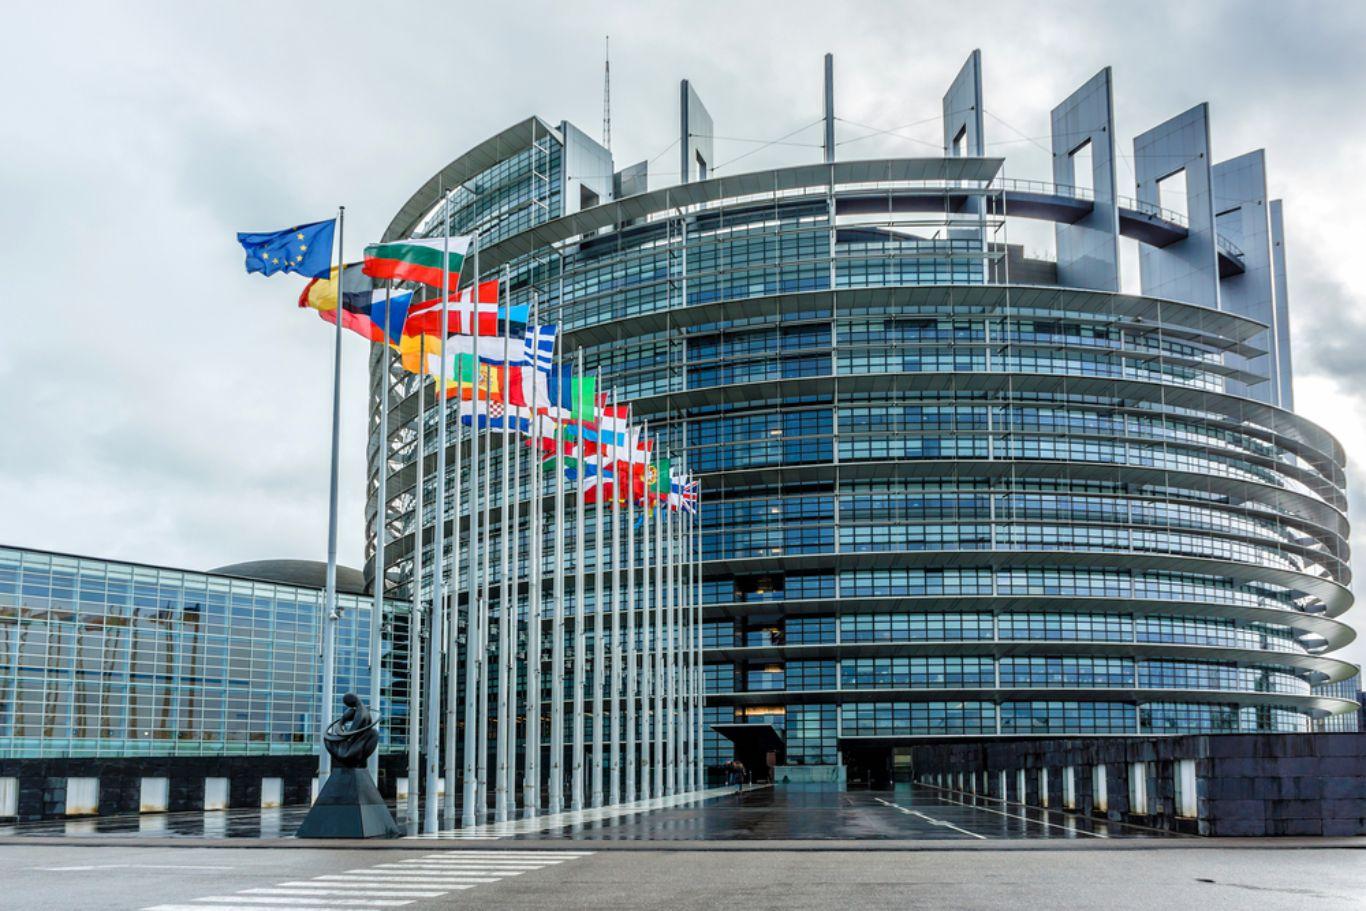 Европарламент заявил о возможности возникновения войн на религиозной основе